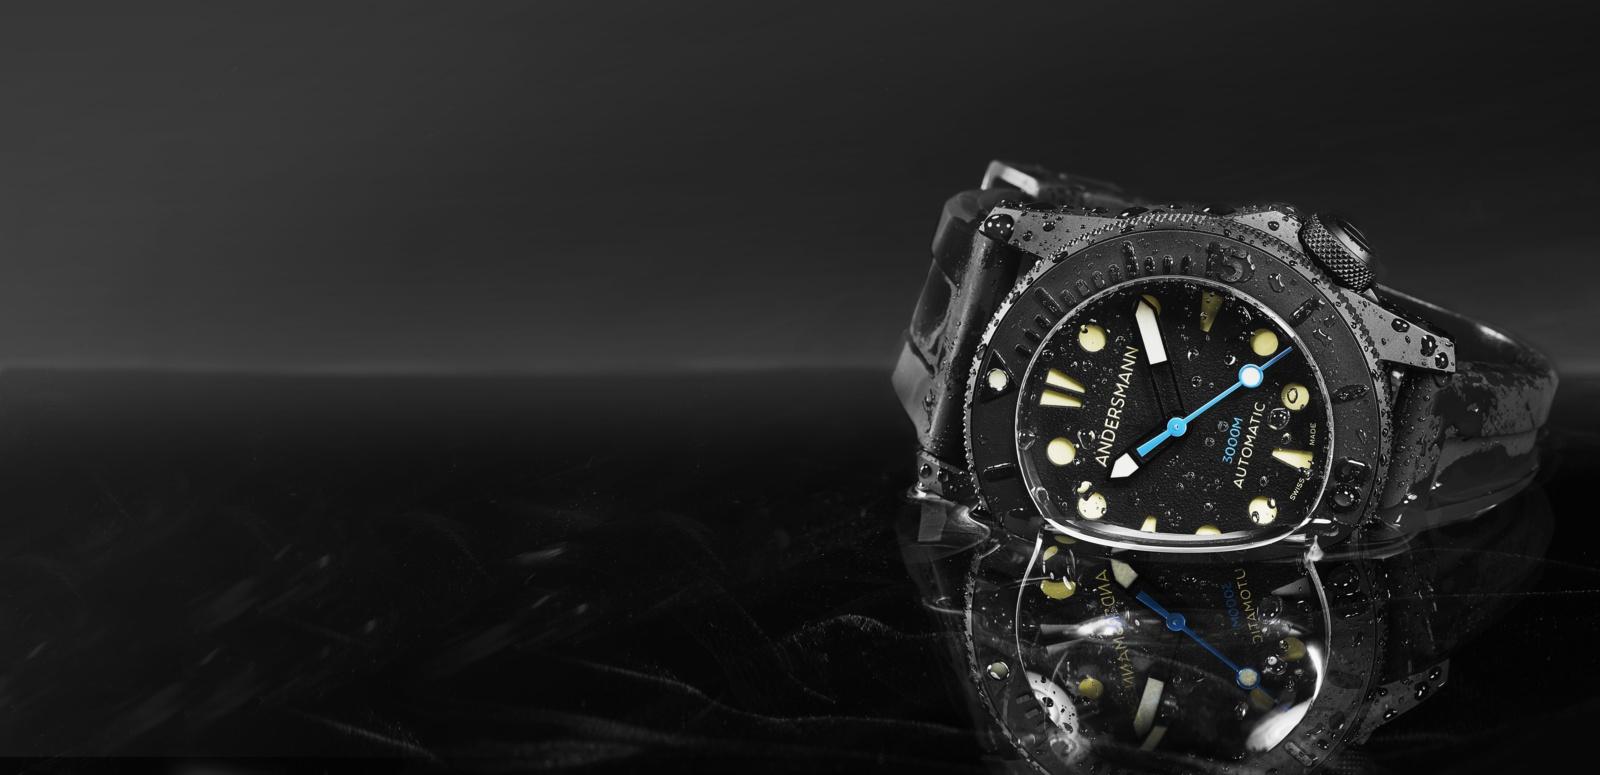 3000m under the sea – Andersmann Deep Ocean